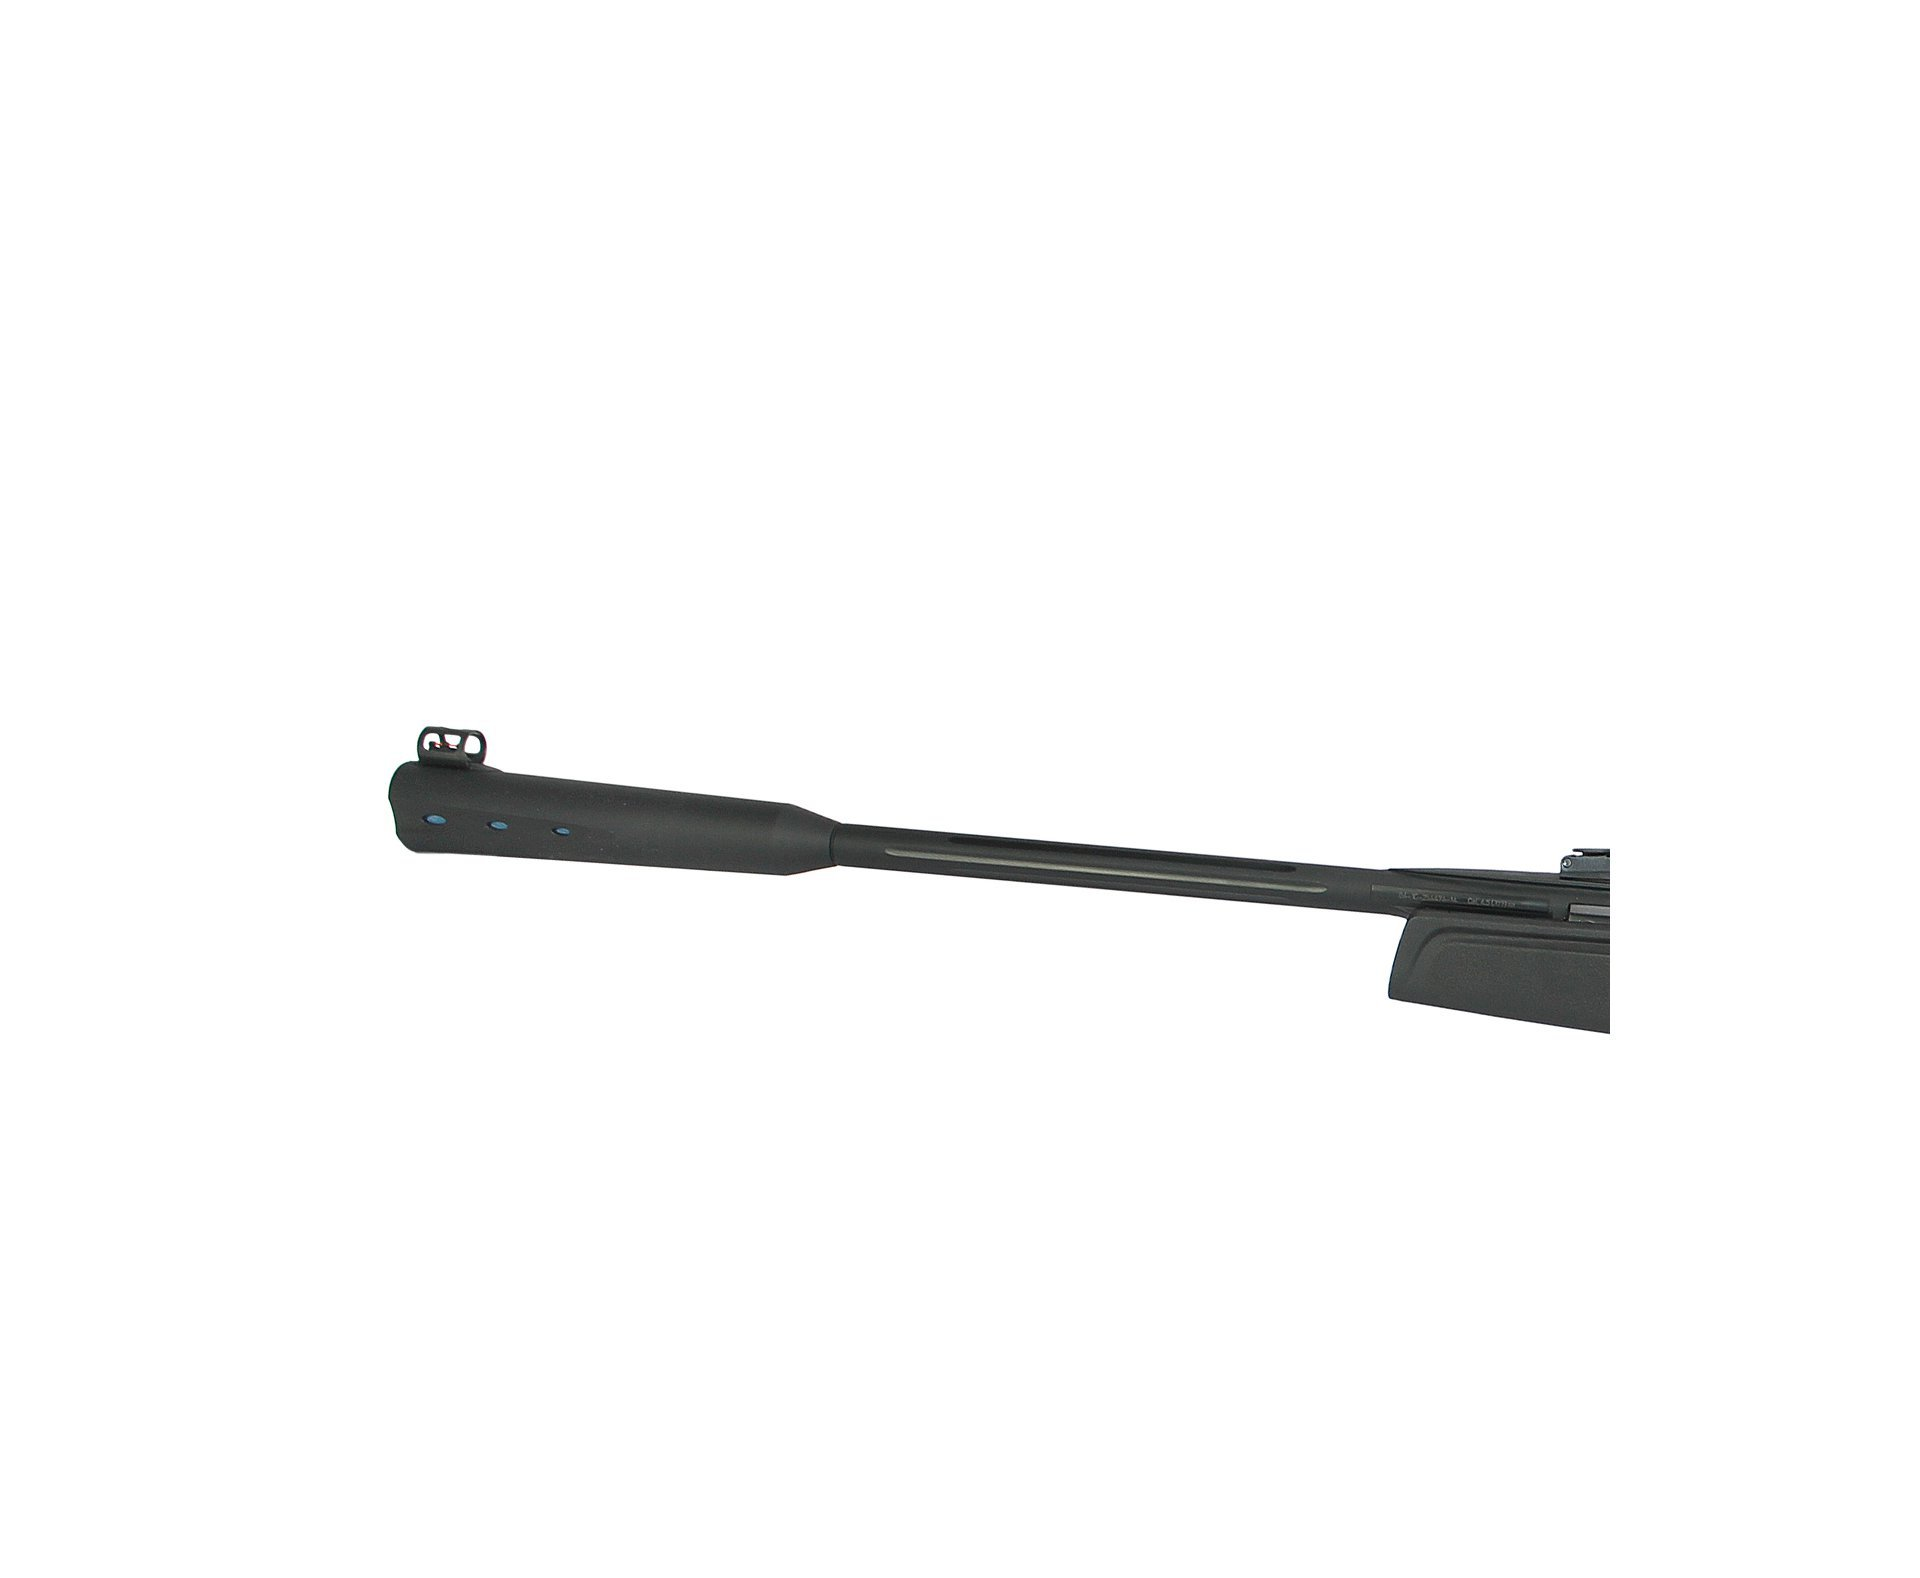 Carabina De Pressão Gamo Socom 1000 Tactical - Calibre 4,5 Mm